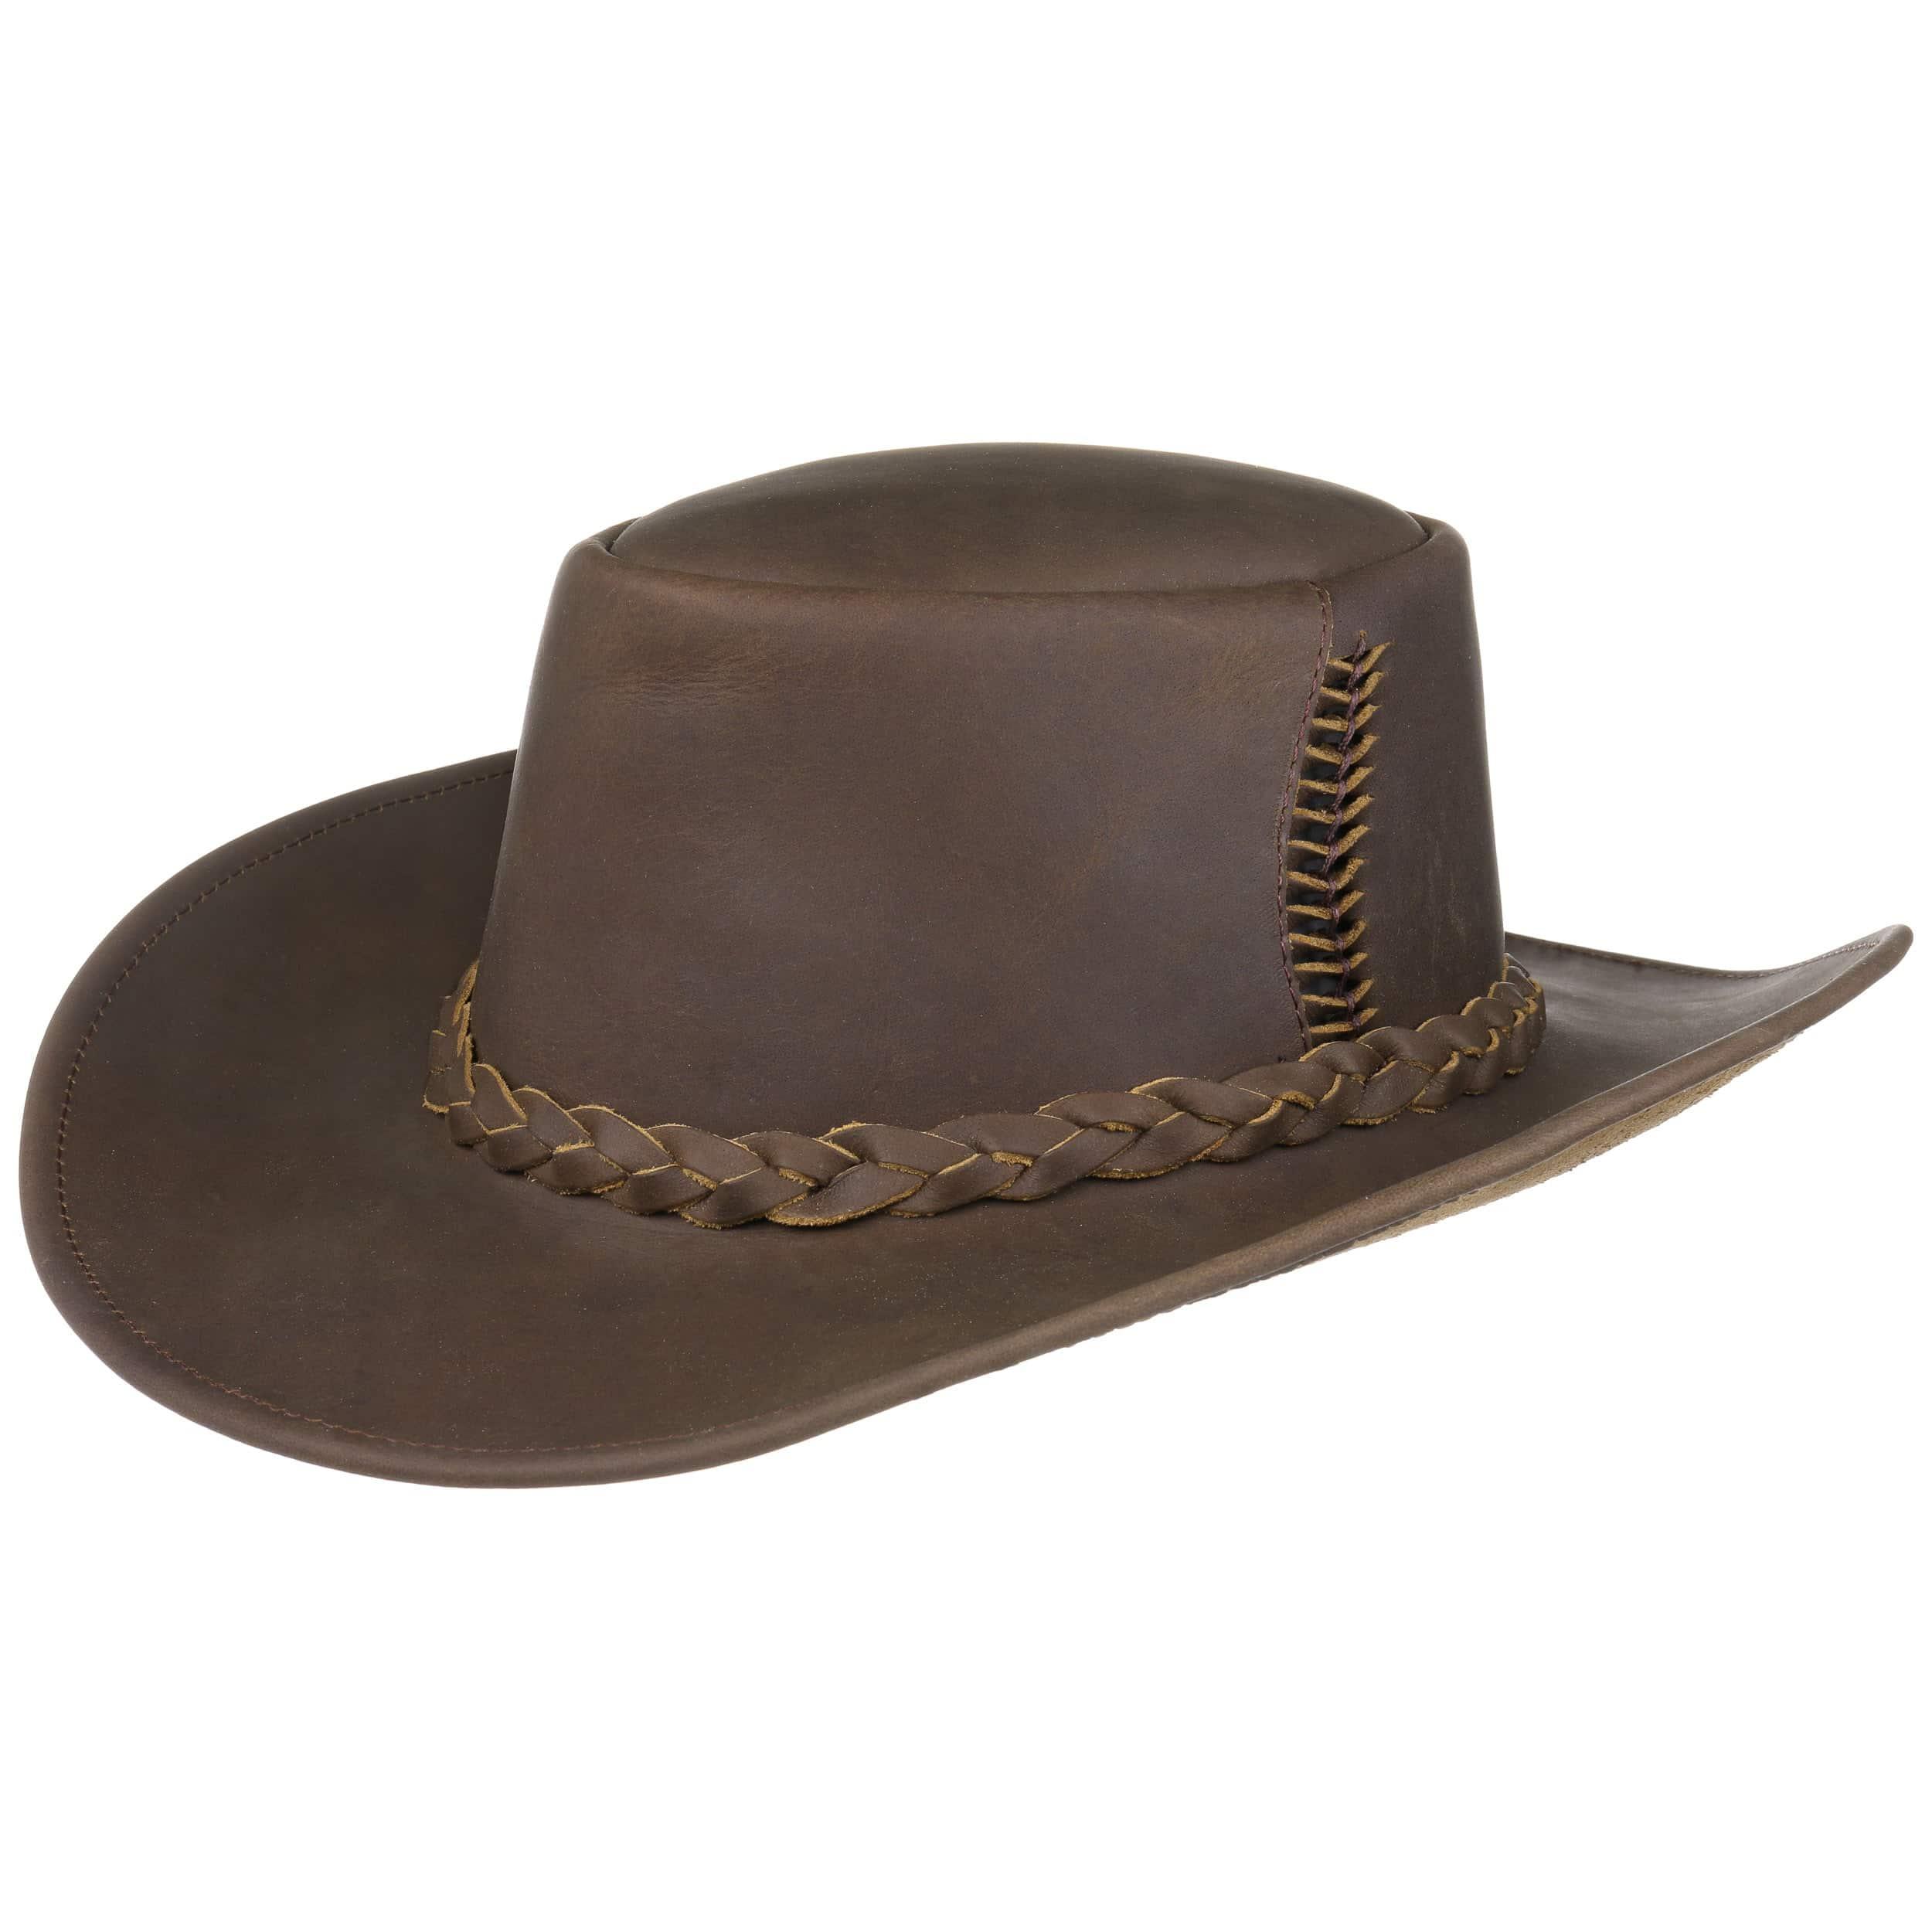 Sombrero de Piel Cobram by Kakadu Traders - Sombreros - sombreroshop.es 29aaececa02